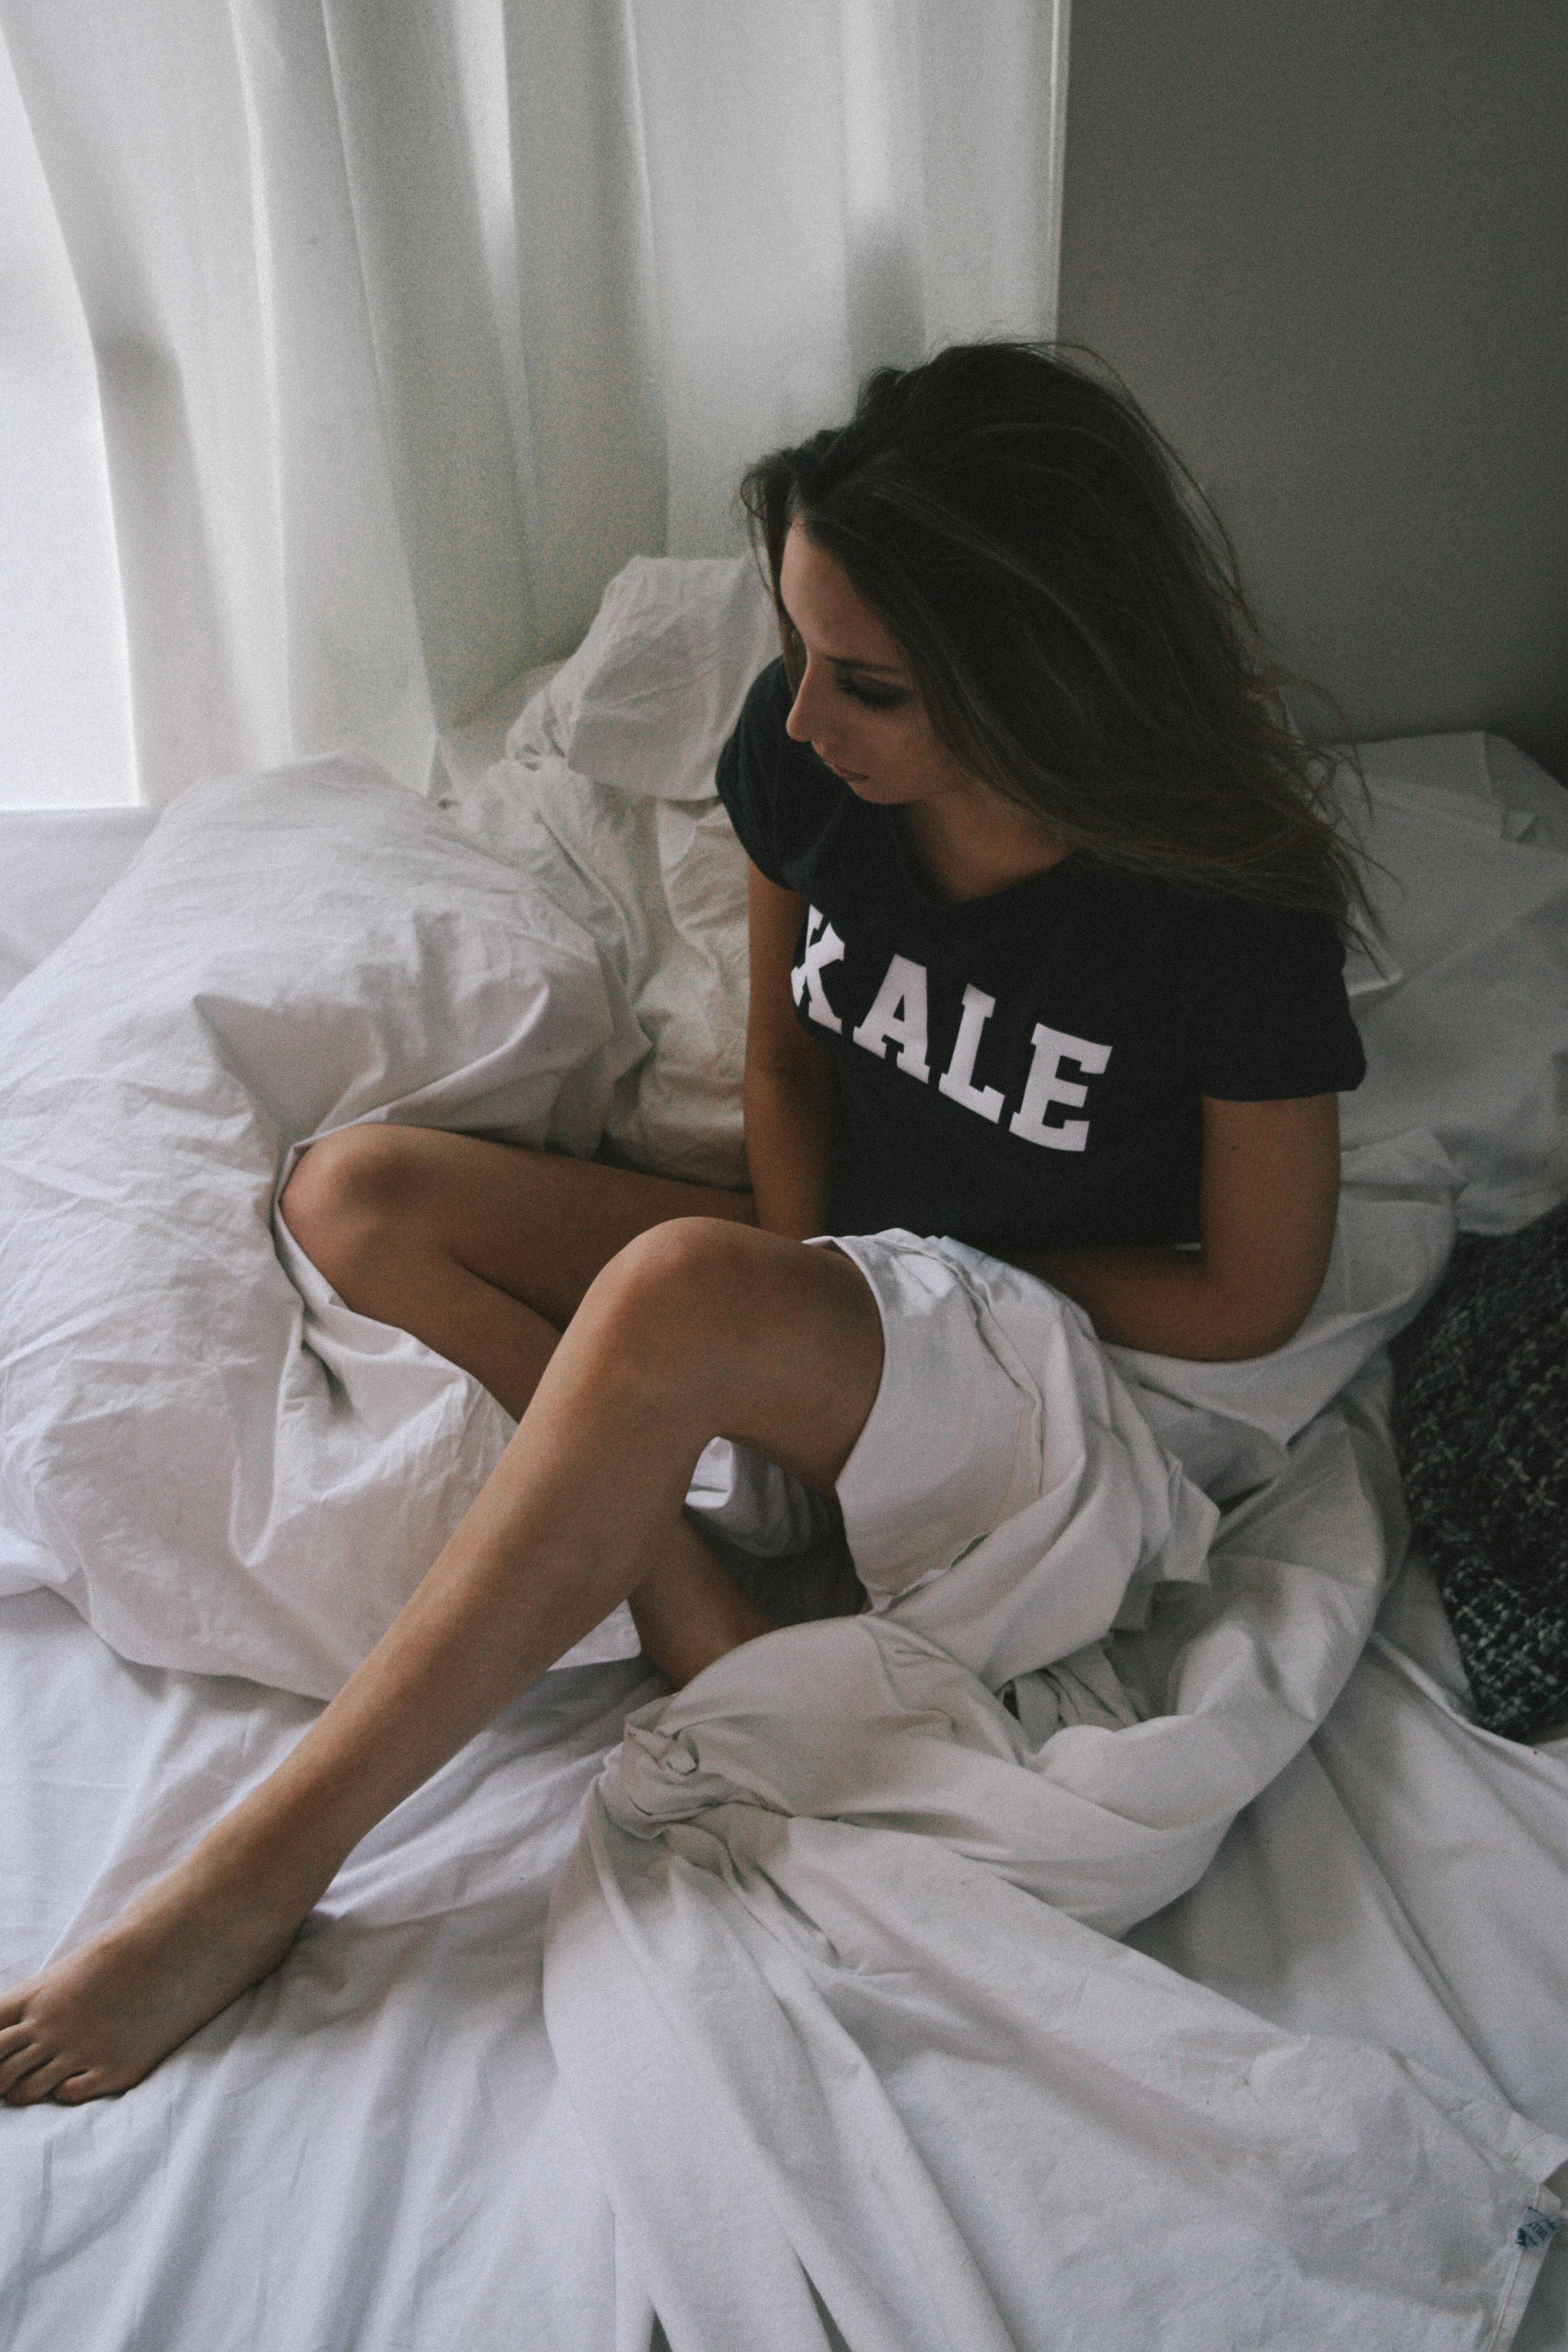 kale-3788